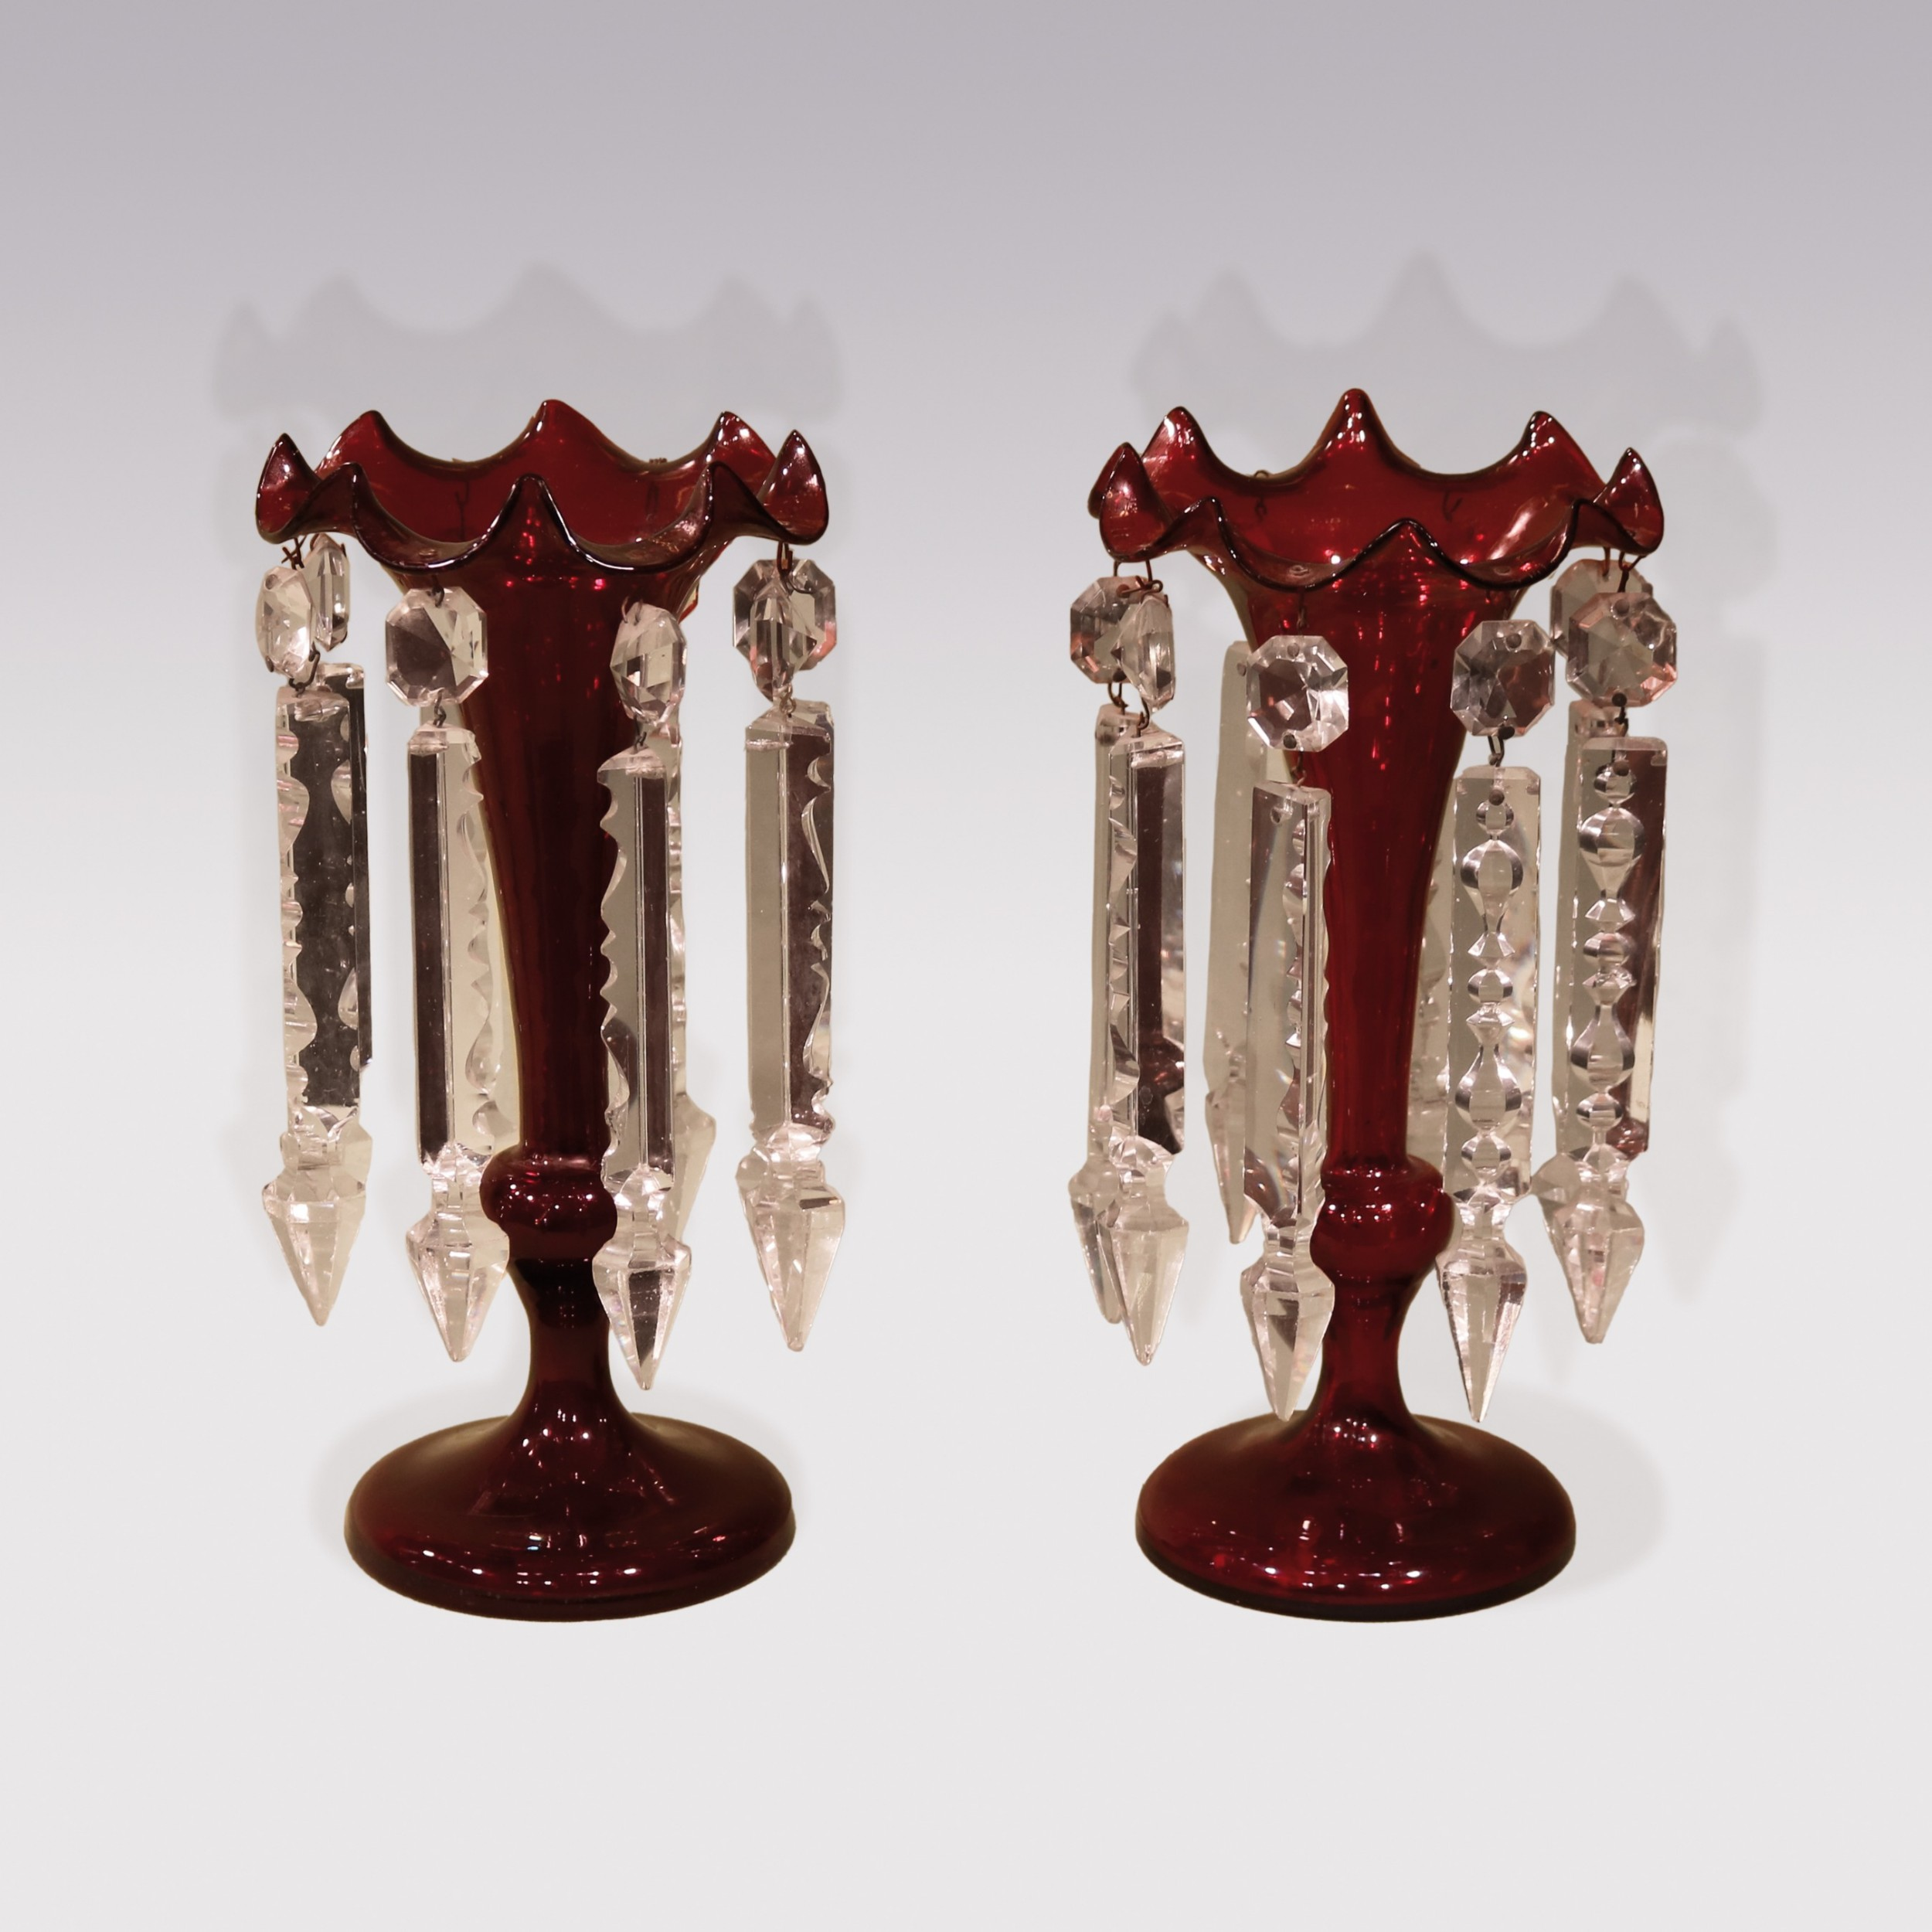 pair of mid 19th century cranbury glass lustres